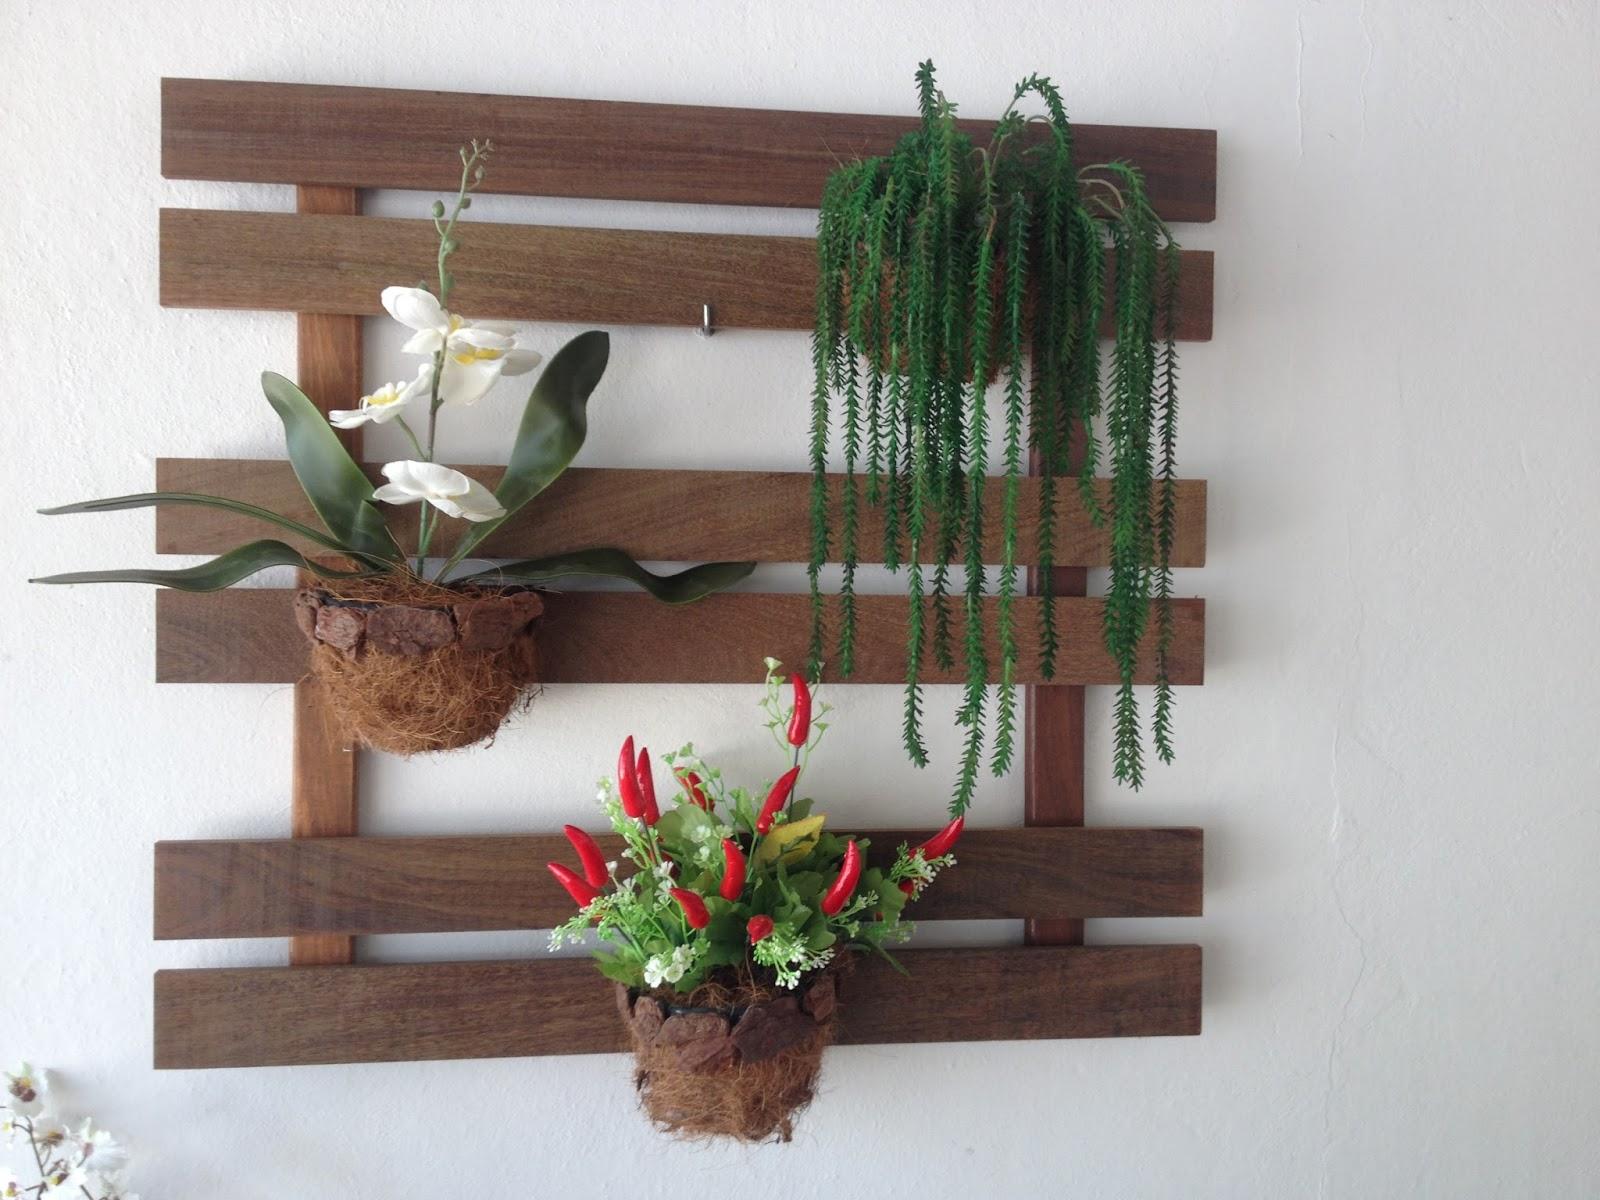 de Móveis para Jardim: Fábrica de Bancos de madeira e ferro fundido #AD1E2C 1600x1200